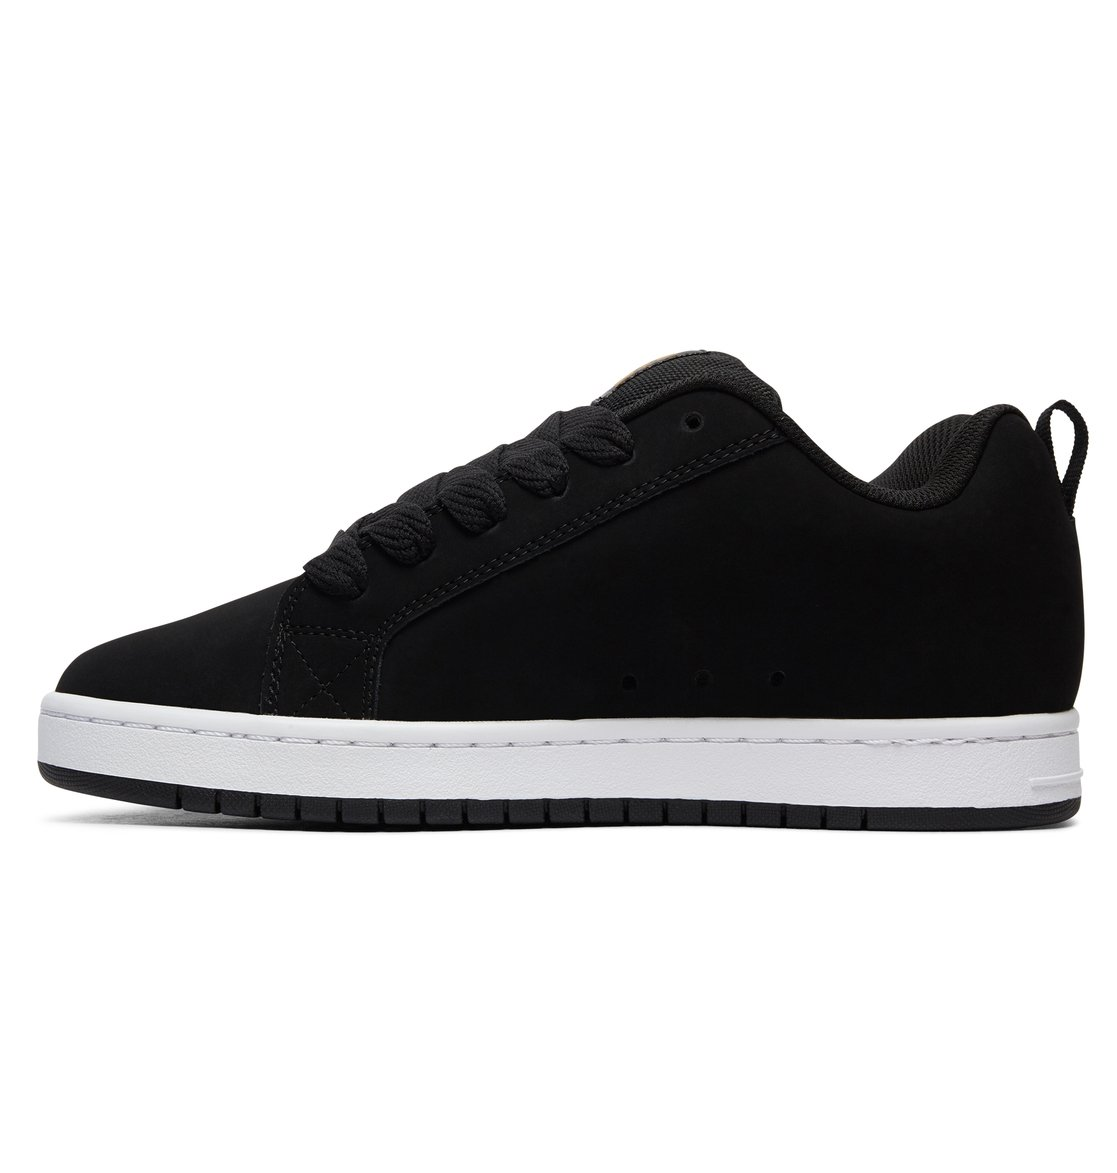 DC Shoes Men's Court Graffic Se Low Top Shoes White/Black 11